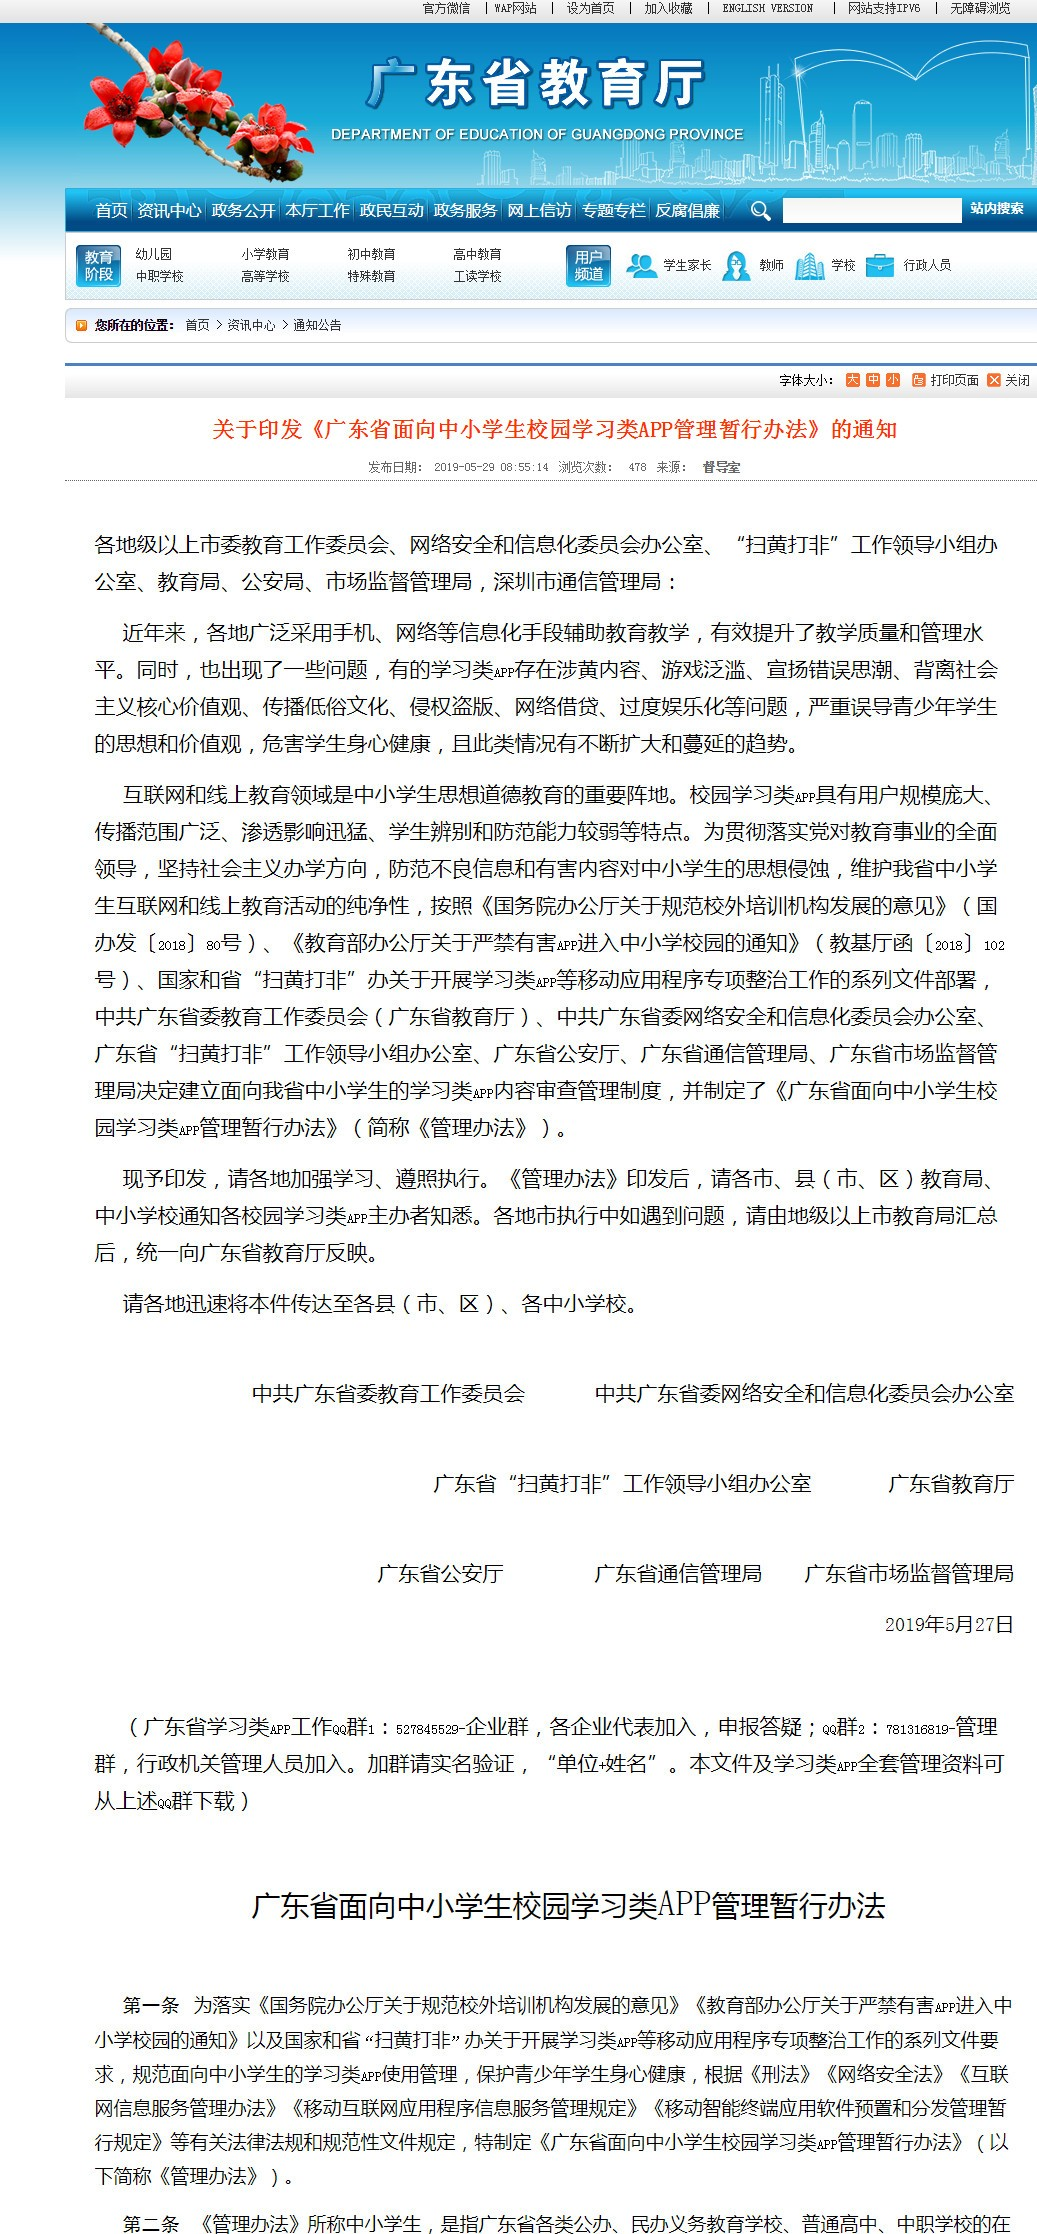 2019年5月27日,《广东省面向中小学生校园学习类APP管理暂行办法》予以印发